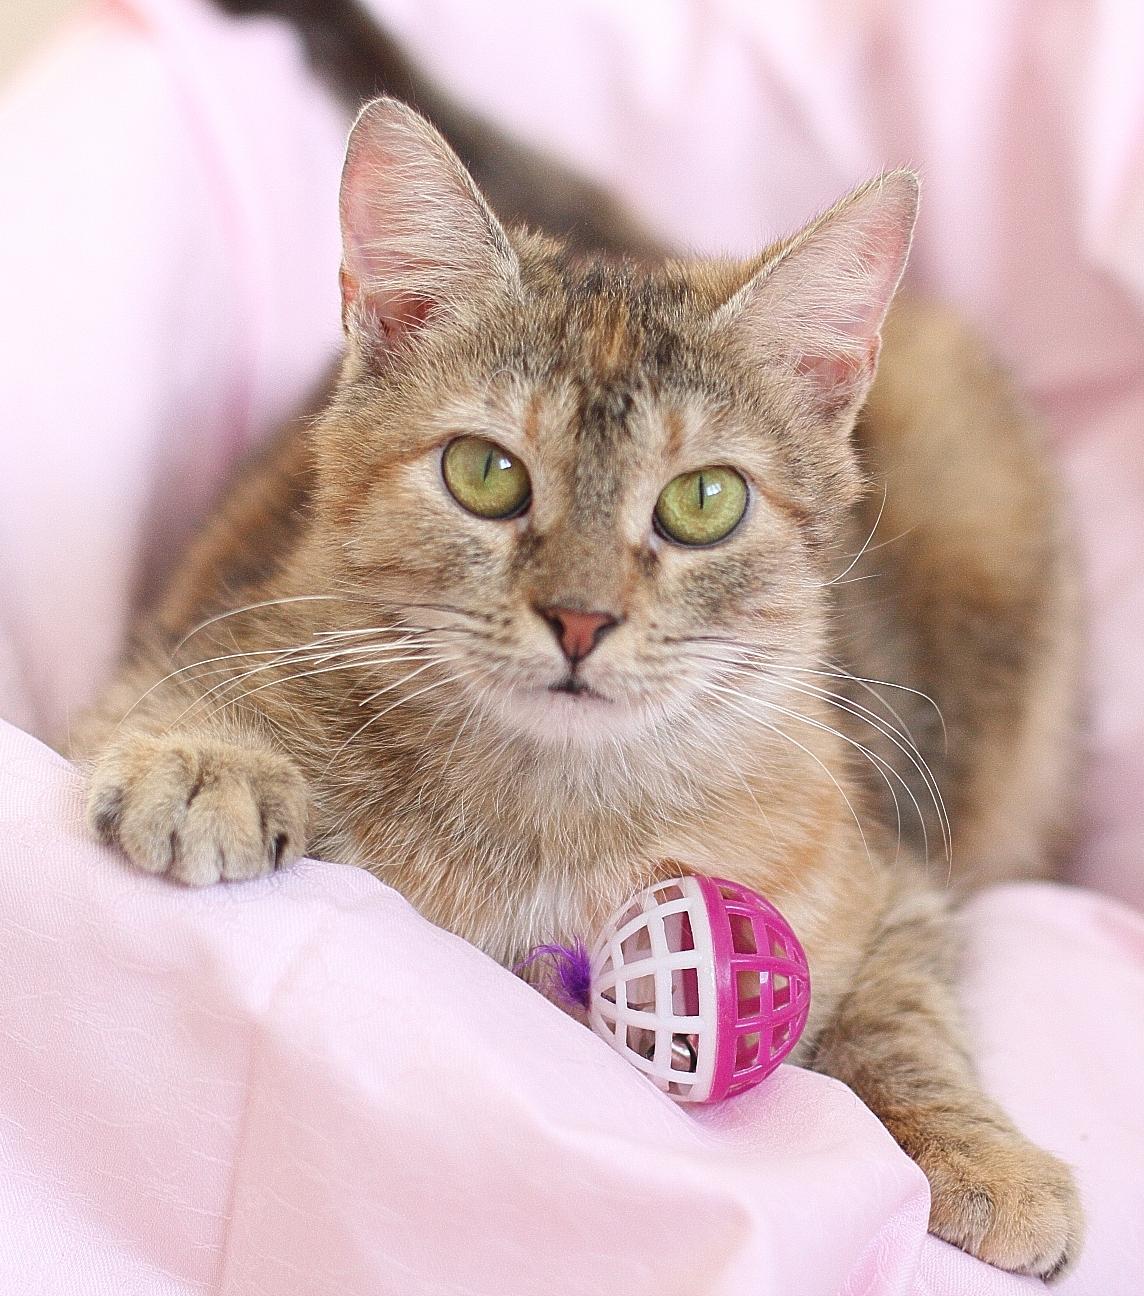 Как выбрать имя для кошки? ТОП-7 интересных идей